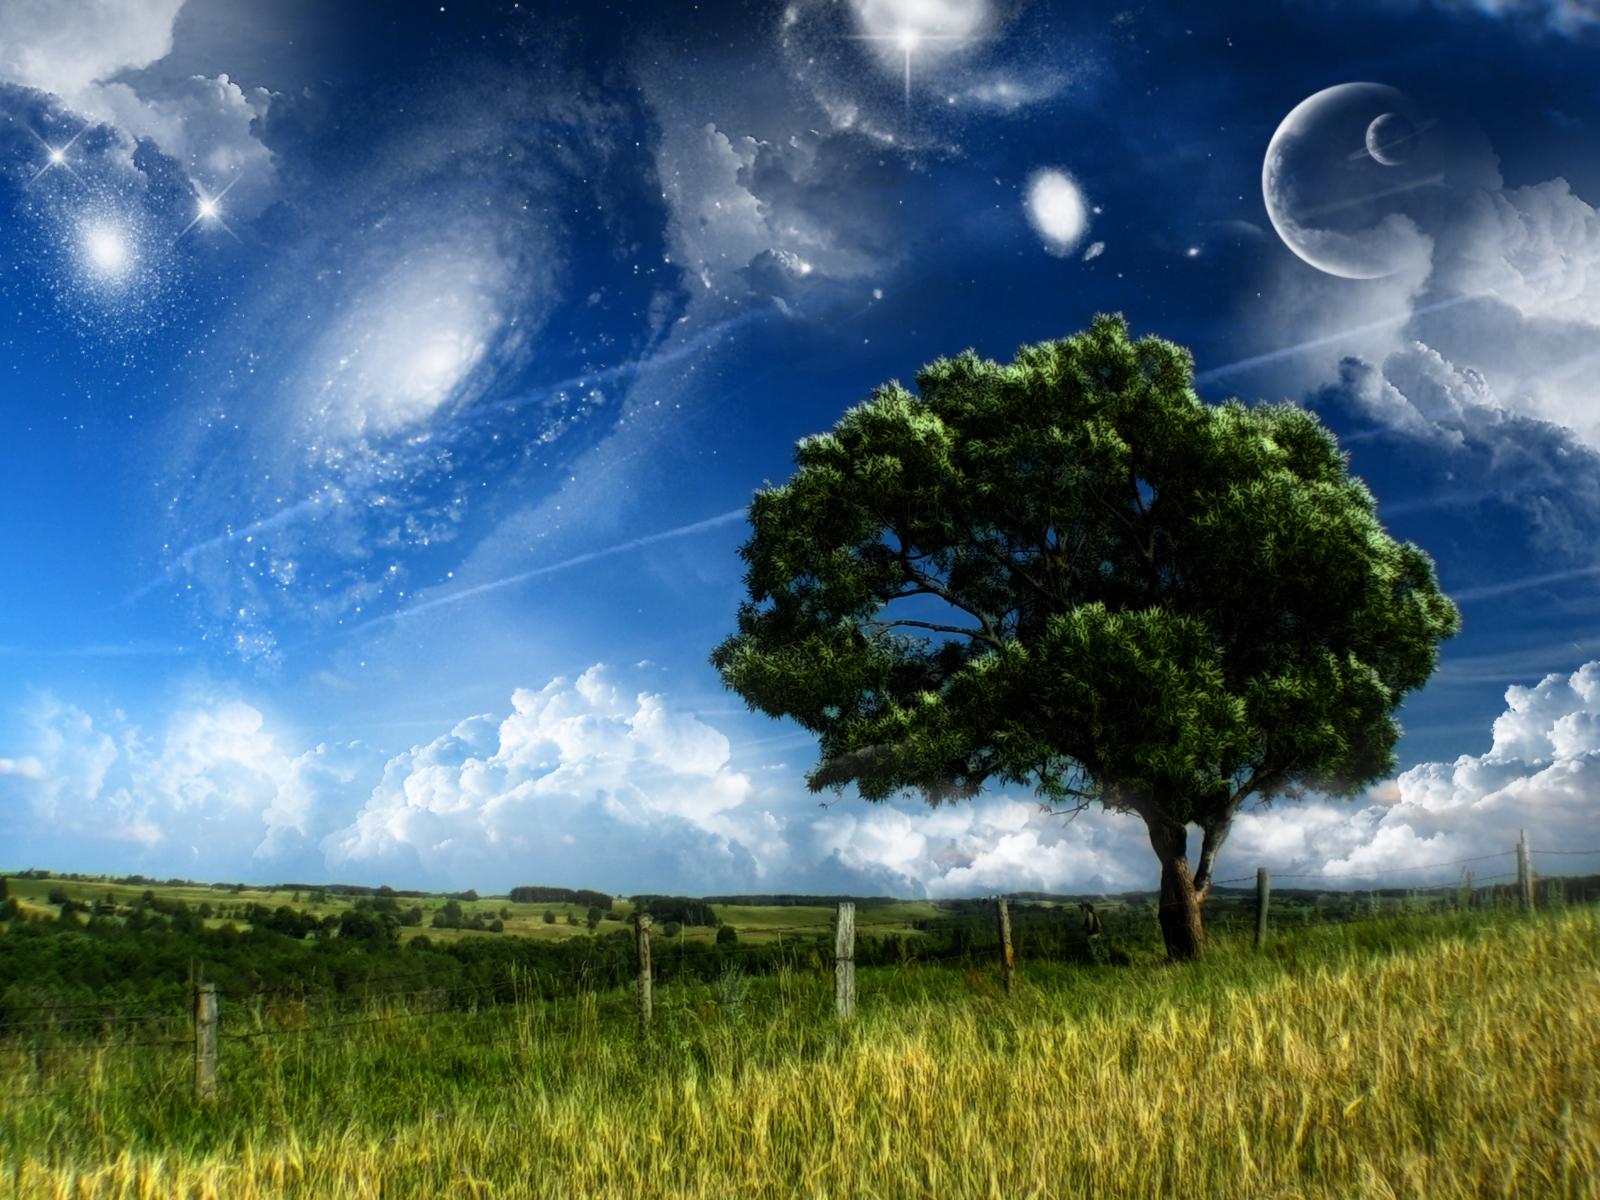 http://2.bp.blogspot.com/-o6xAFHvYgPo/TeW1VTM-ngI/AAAAAAAABjk/SIuQfevmG38/s1600/dreams.jpg